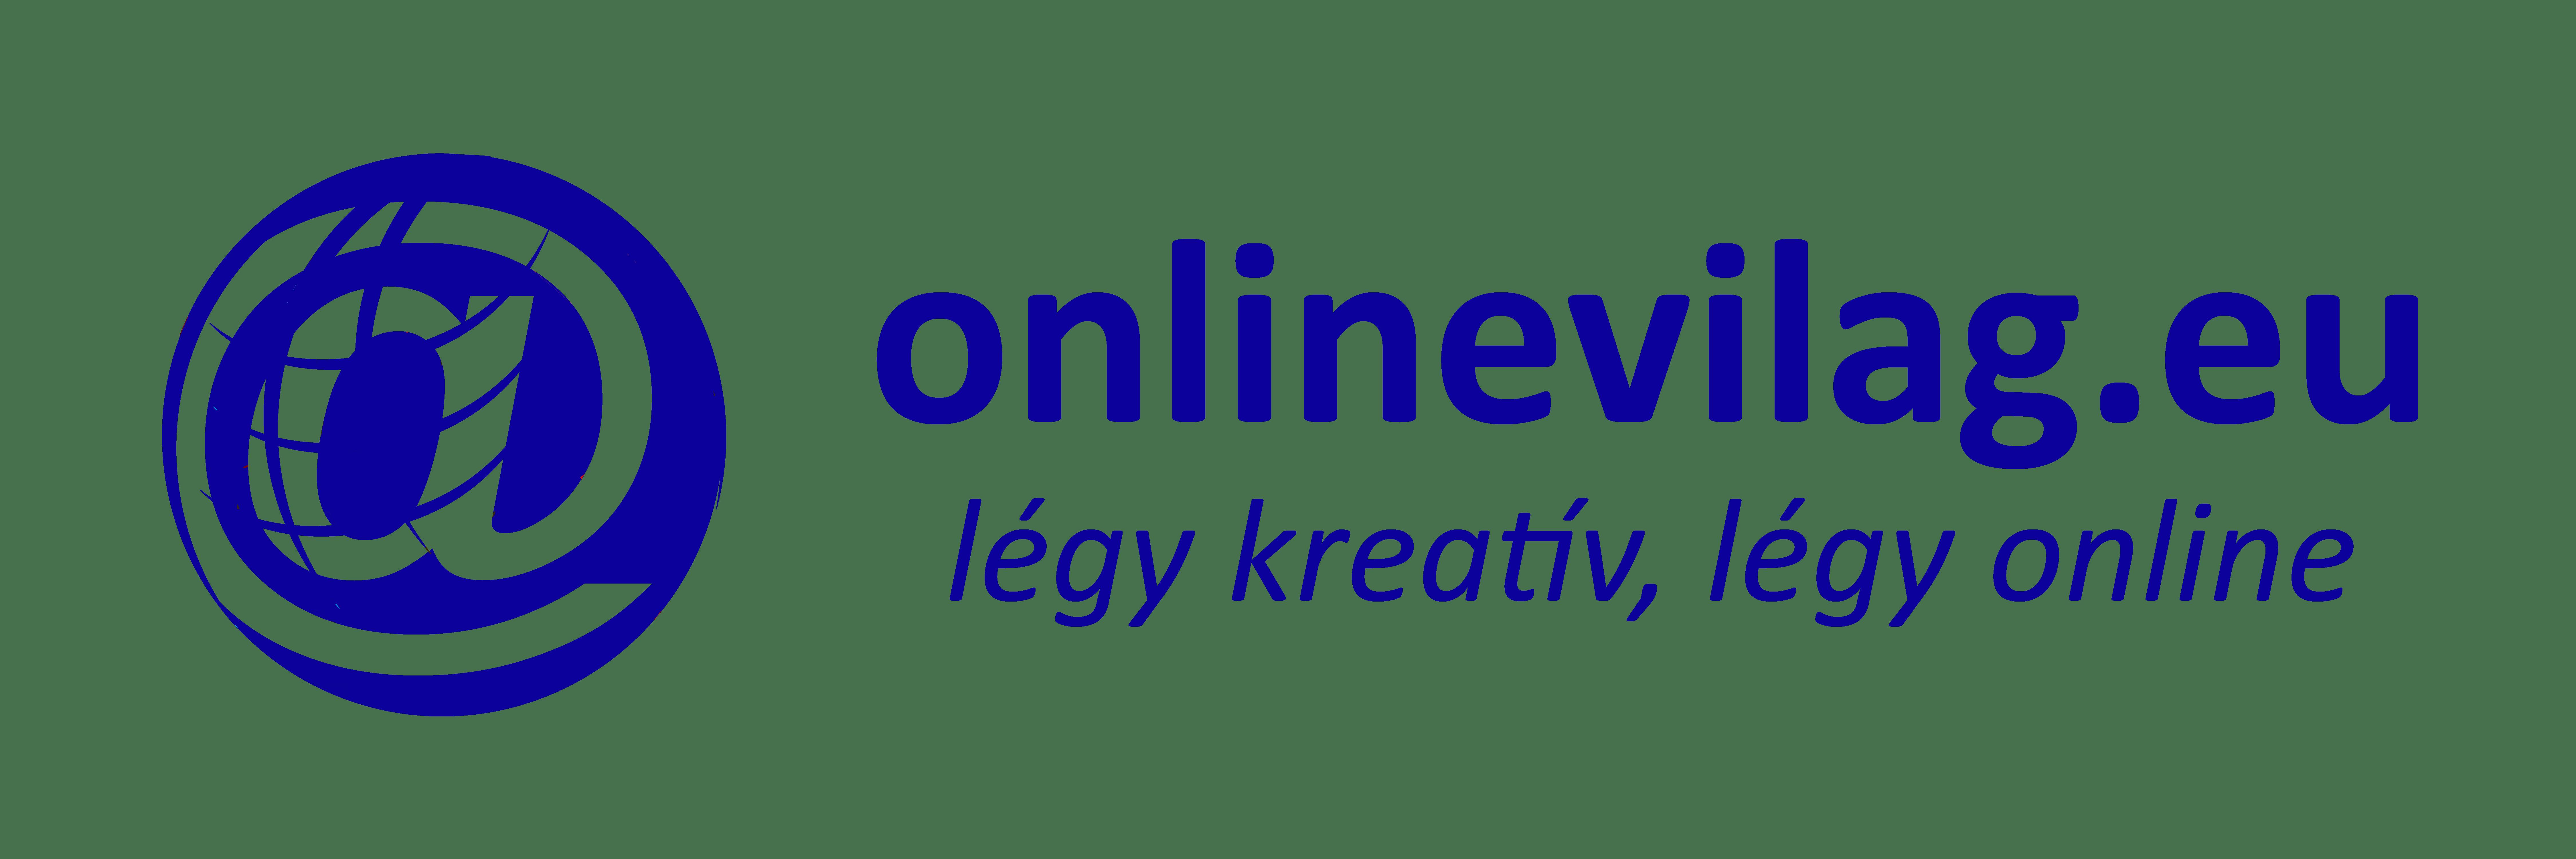 onlinevilag.eu